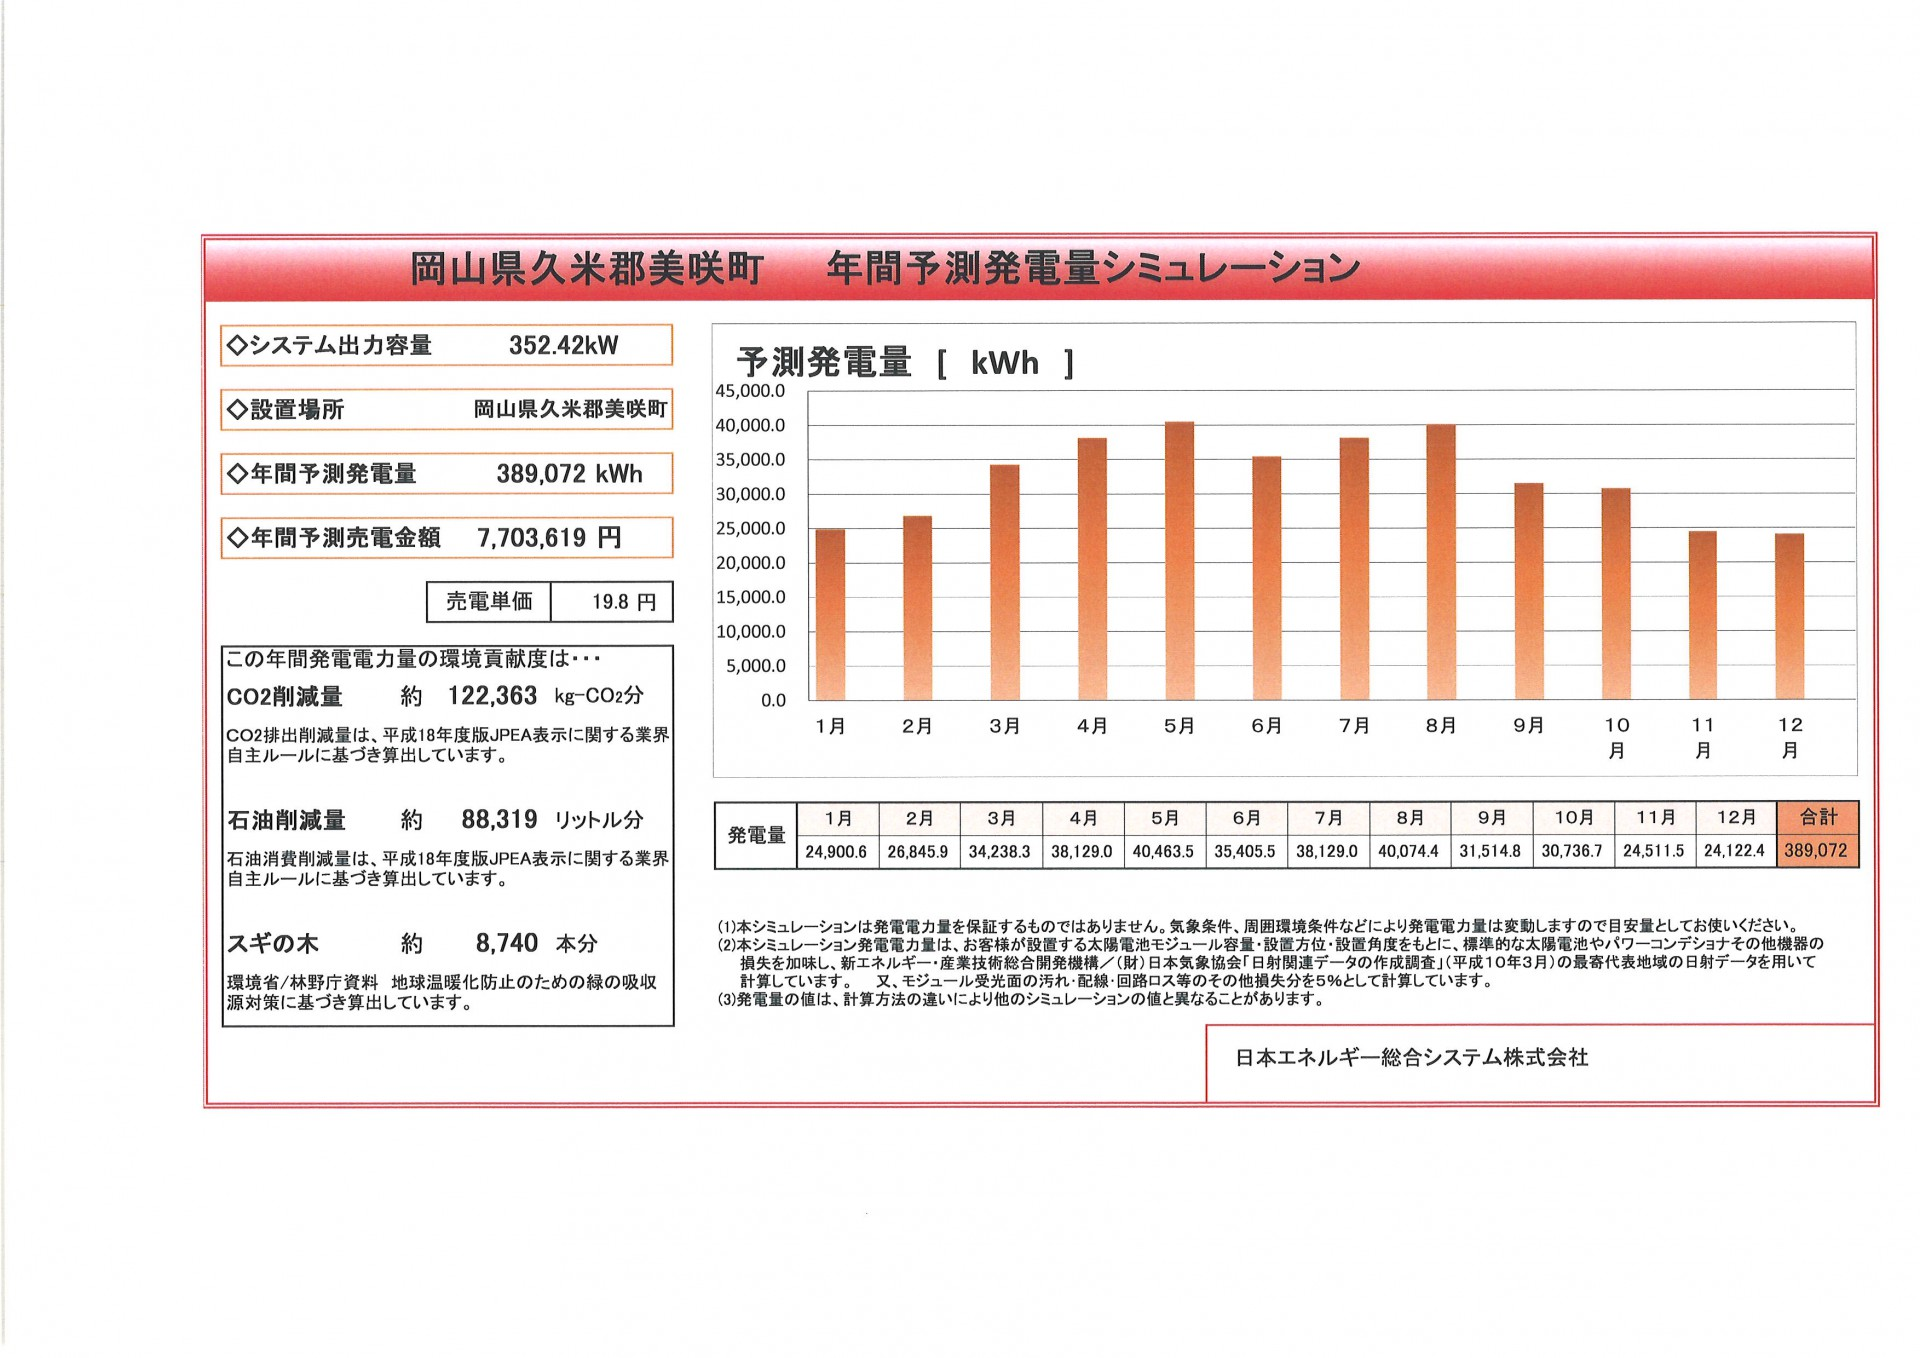 【JPN】FIT18円 岡山県美咲町低圧4区画のメイン画像